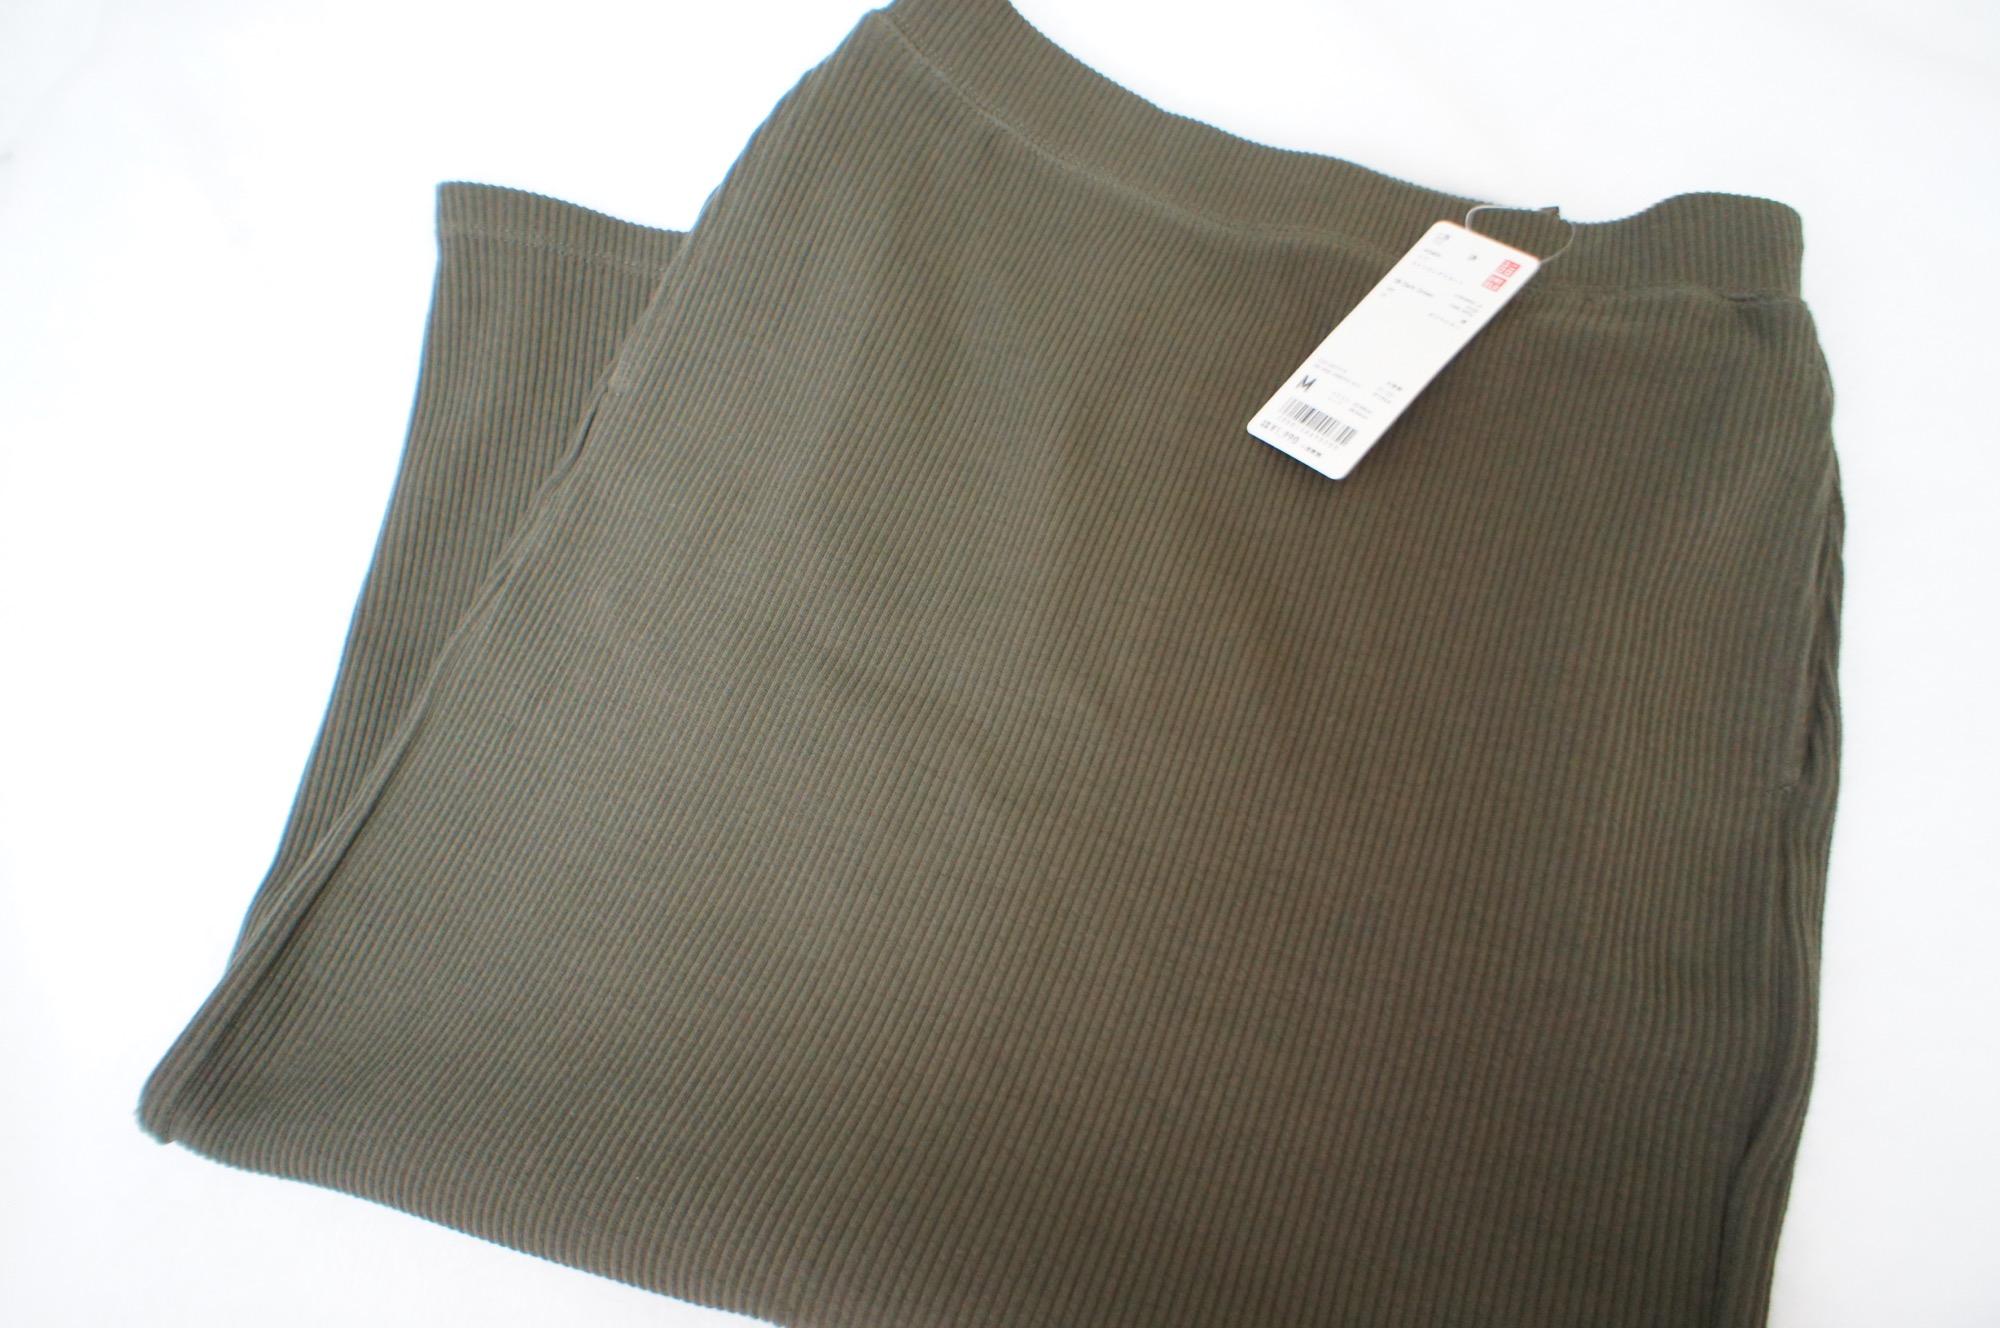 《#170cmトールガール》のプチプラコーデ❤️トレンド感たっぷり!【UNIQLO】リブタイトロングスカートが使える☻_1